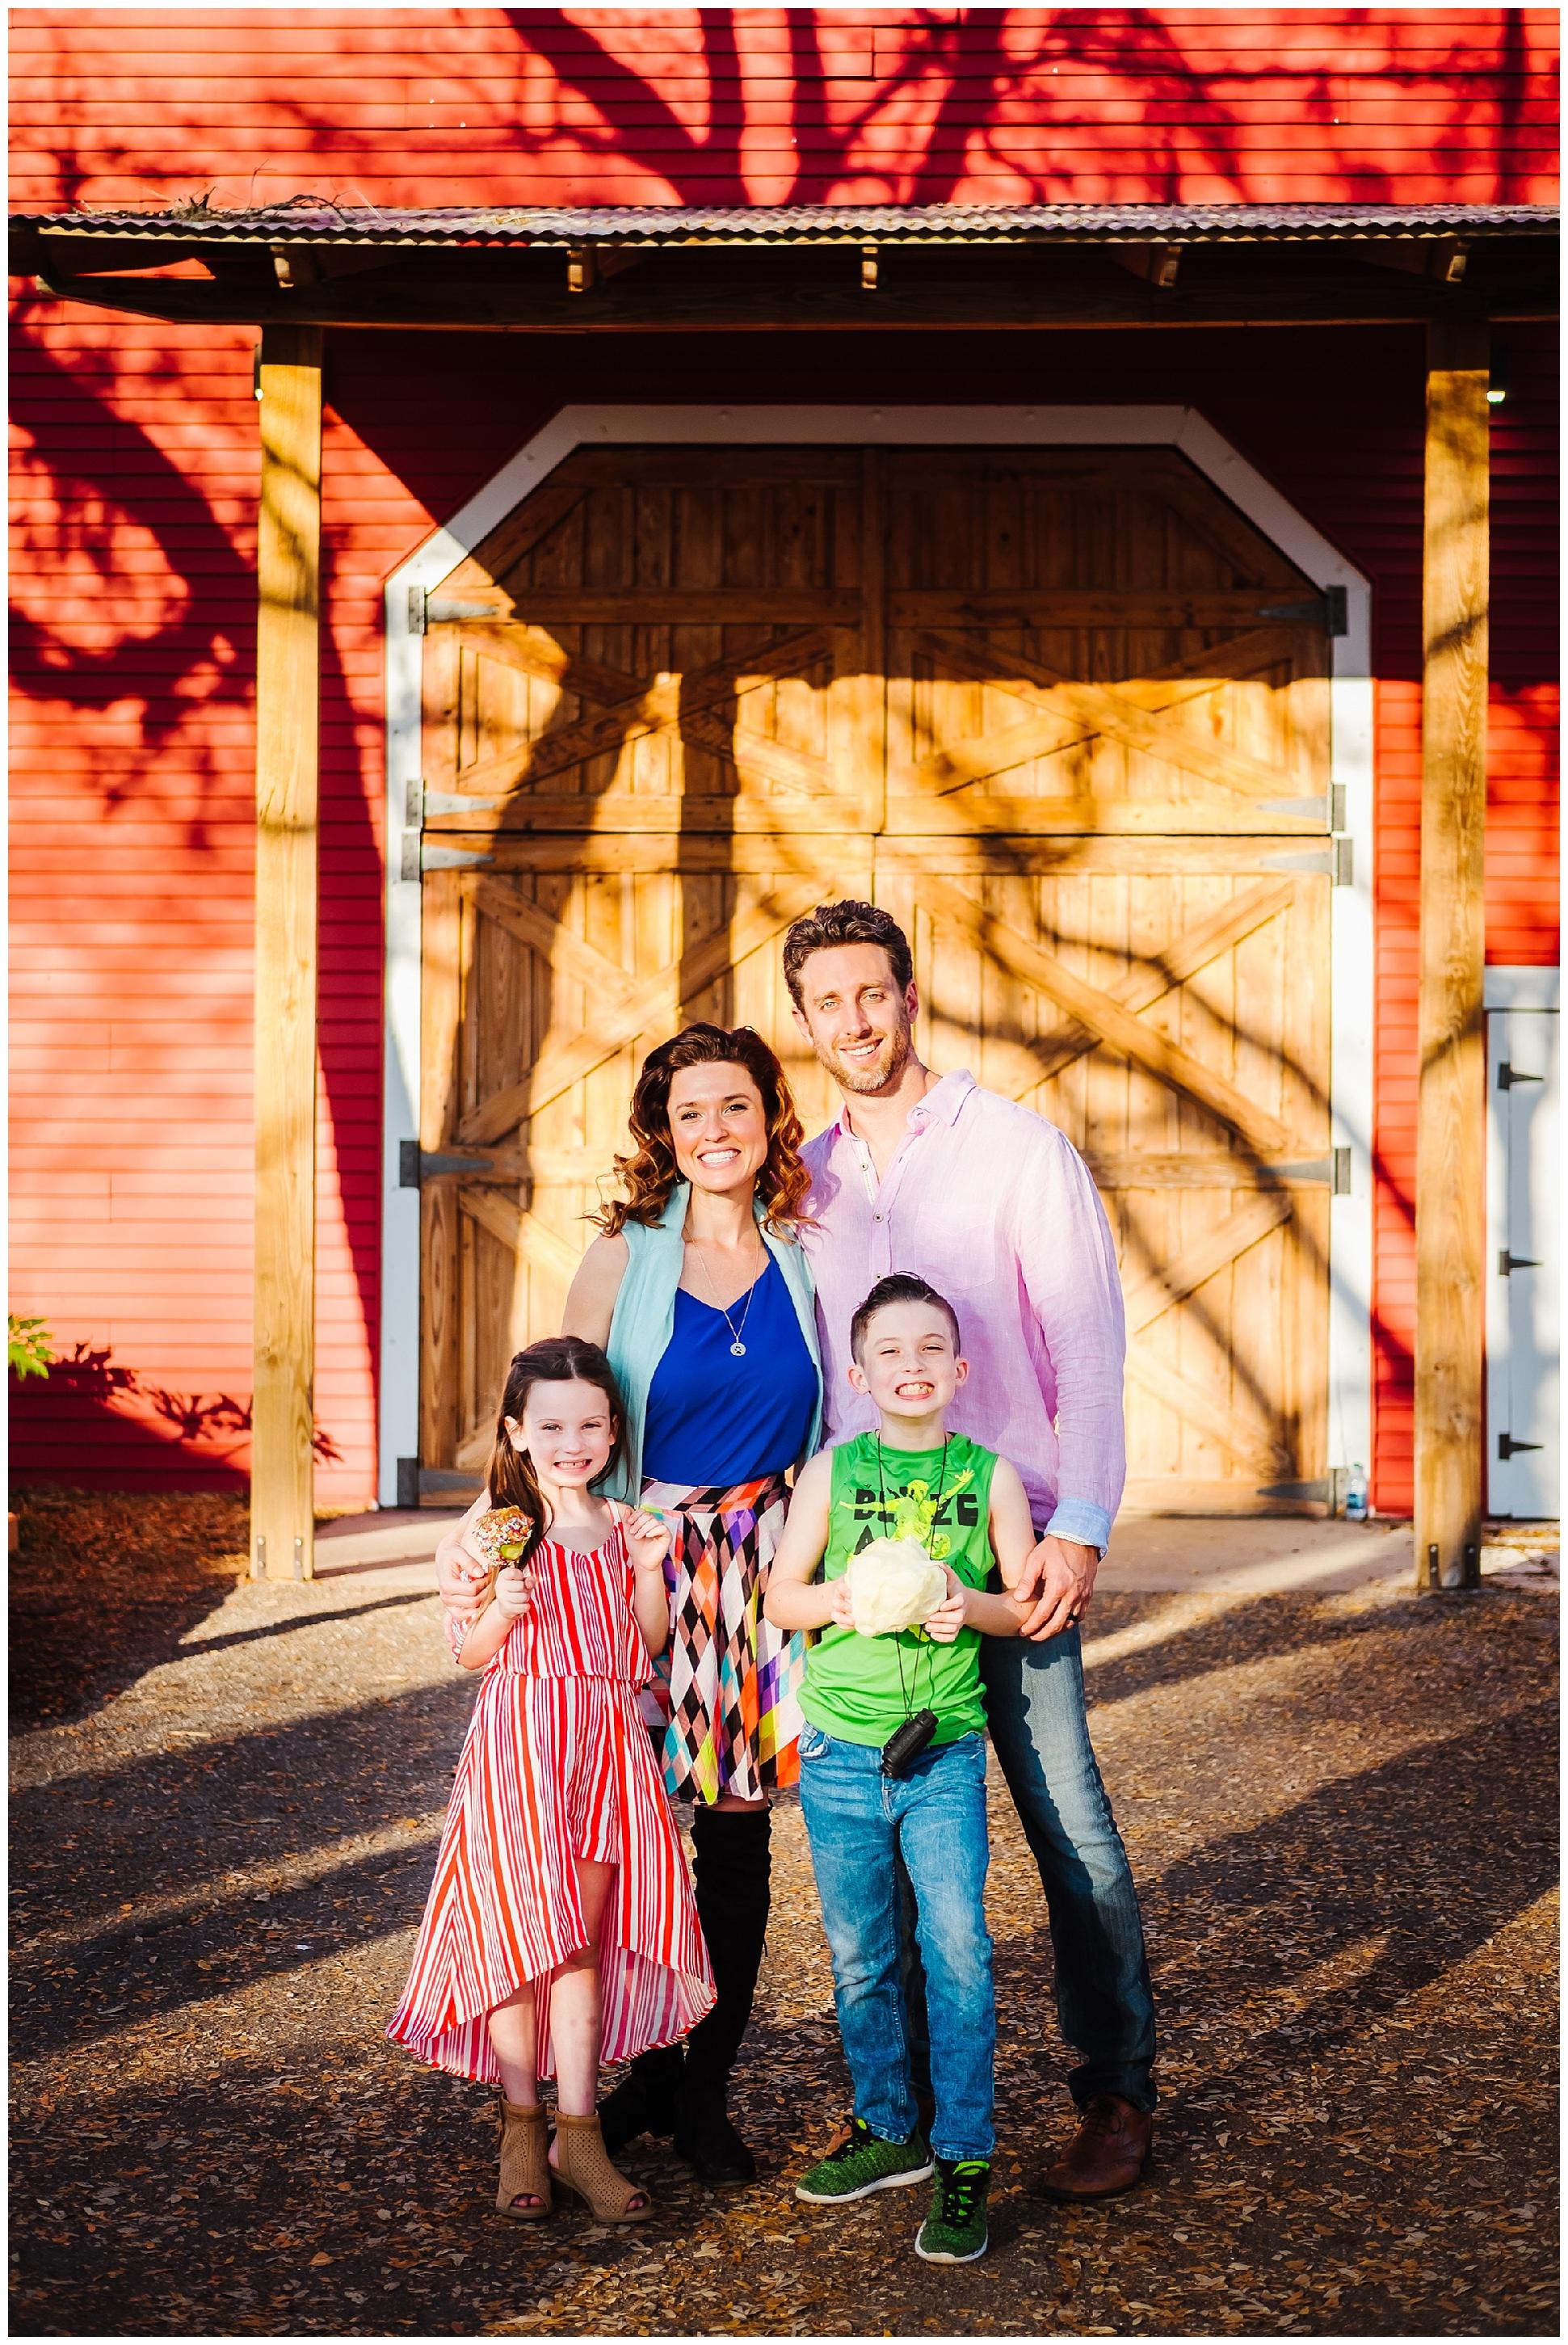 Tampa-colorful-fair-amusement park-dani family session_0002.jpg